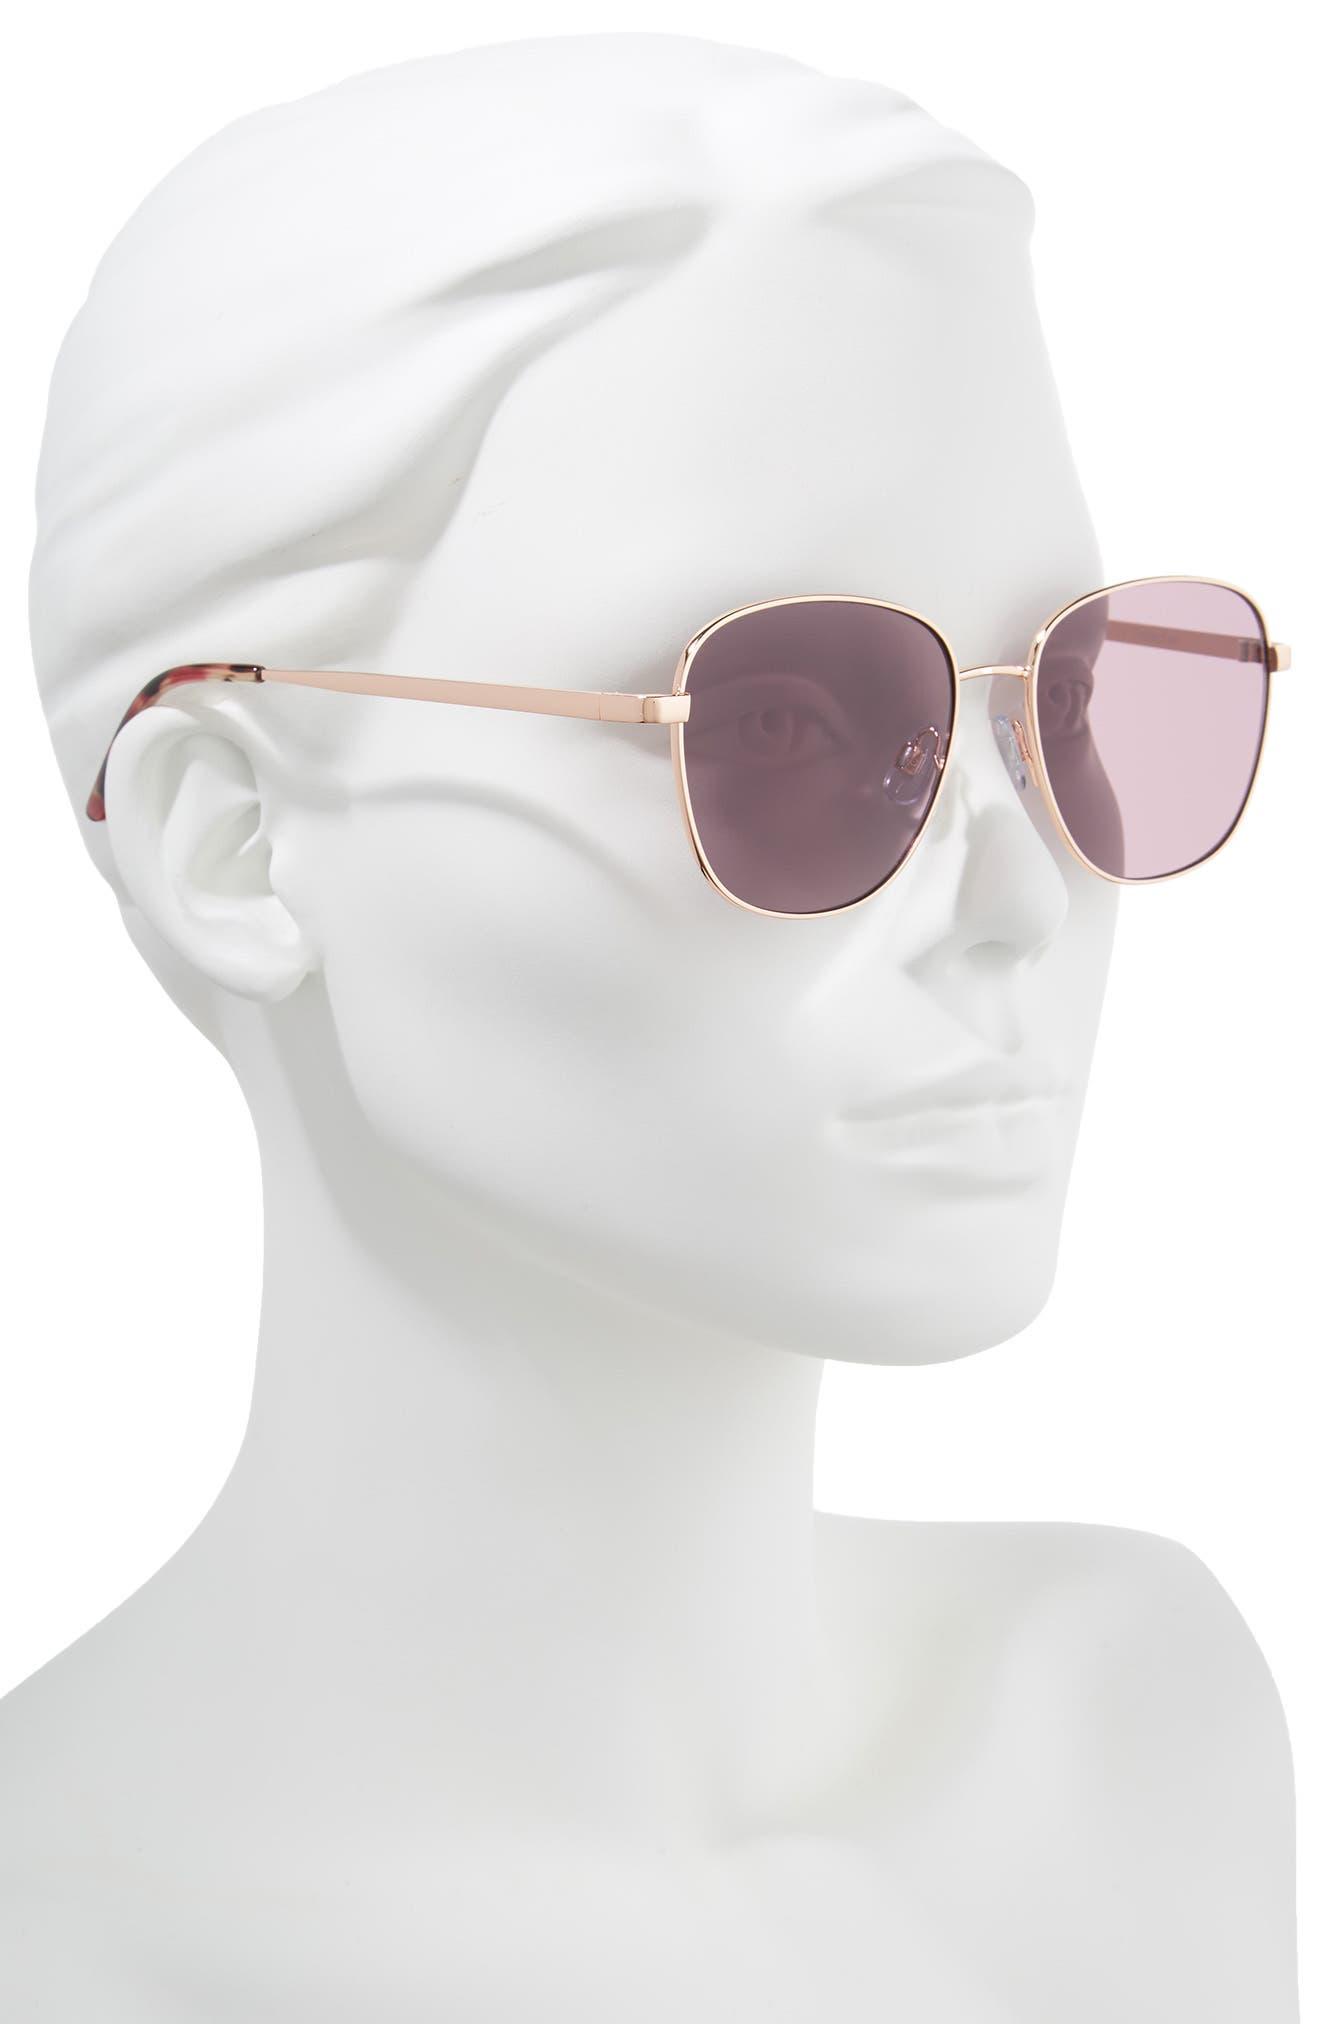 53mm Square Sunglasses,                             Alternate thumbnail 2, color,                             ROSE GOLD/ PURPLE